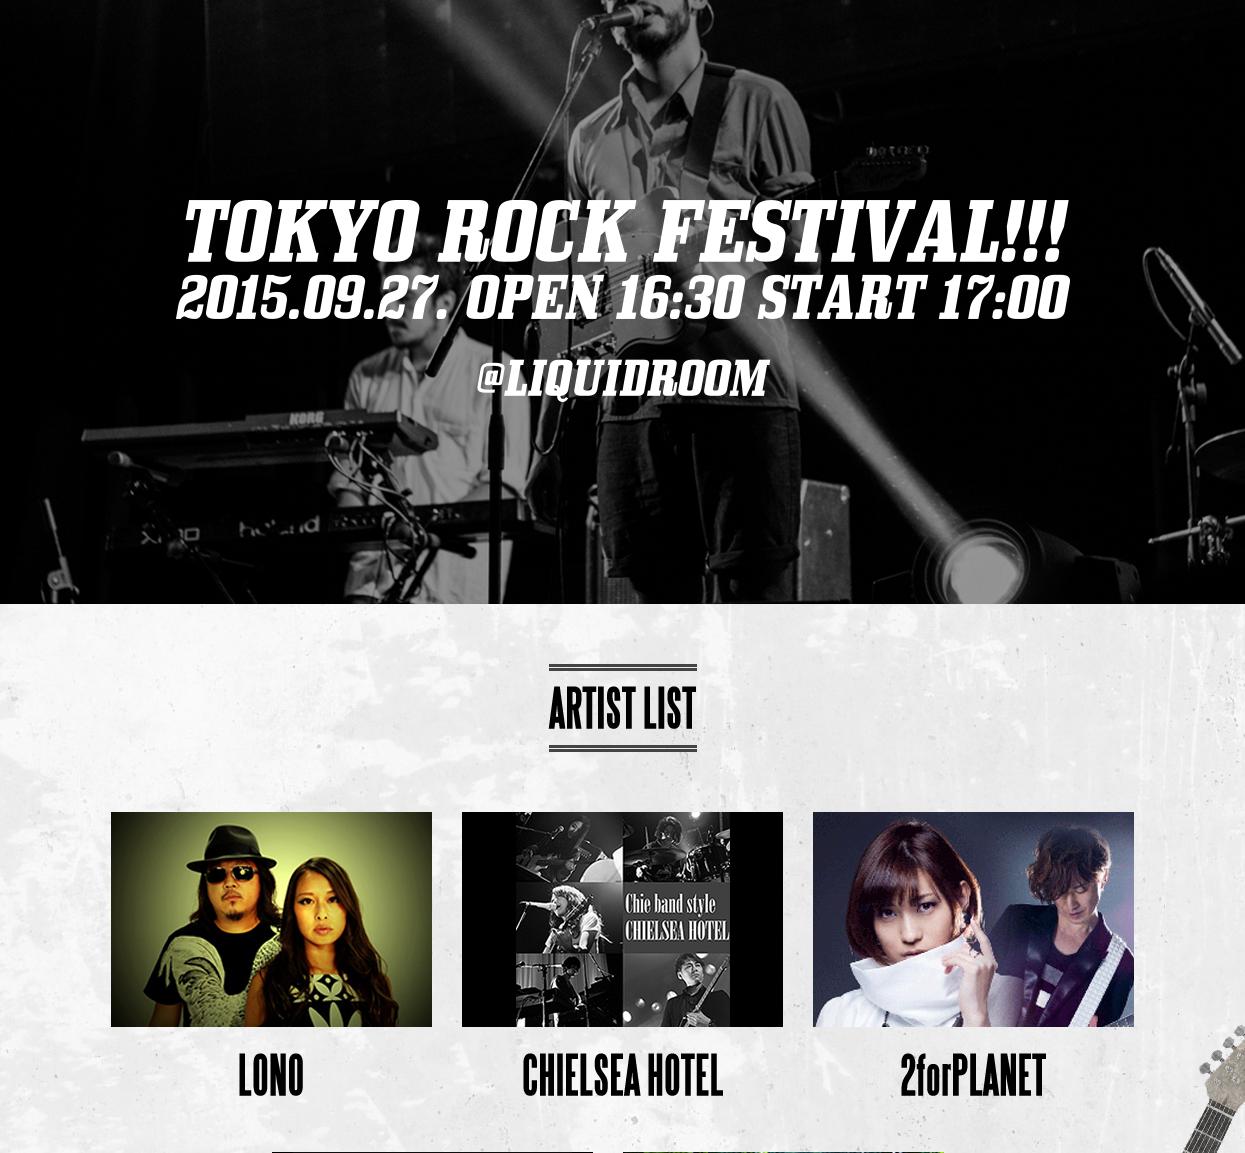 TOKYO ROCK Festival   2015.09.27 OPEN 16 30 START 17 00  LIQUIDROOM